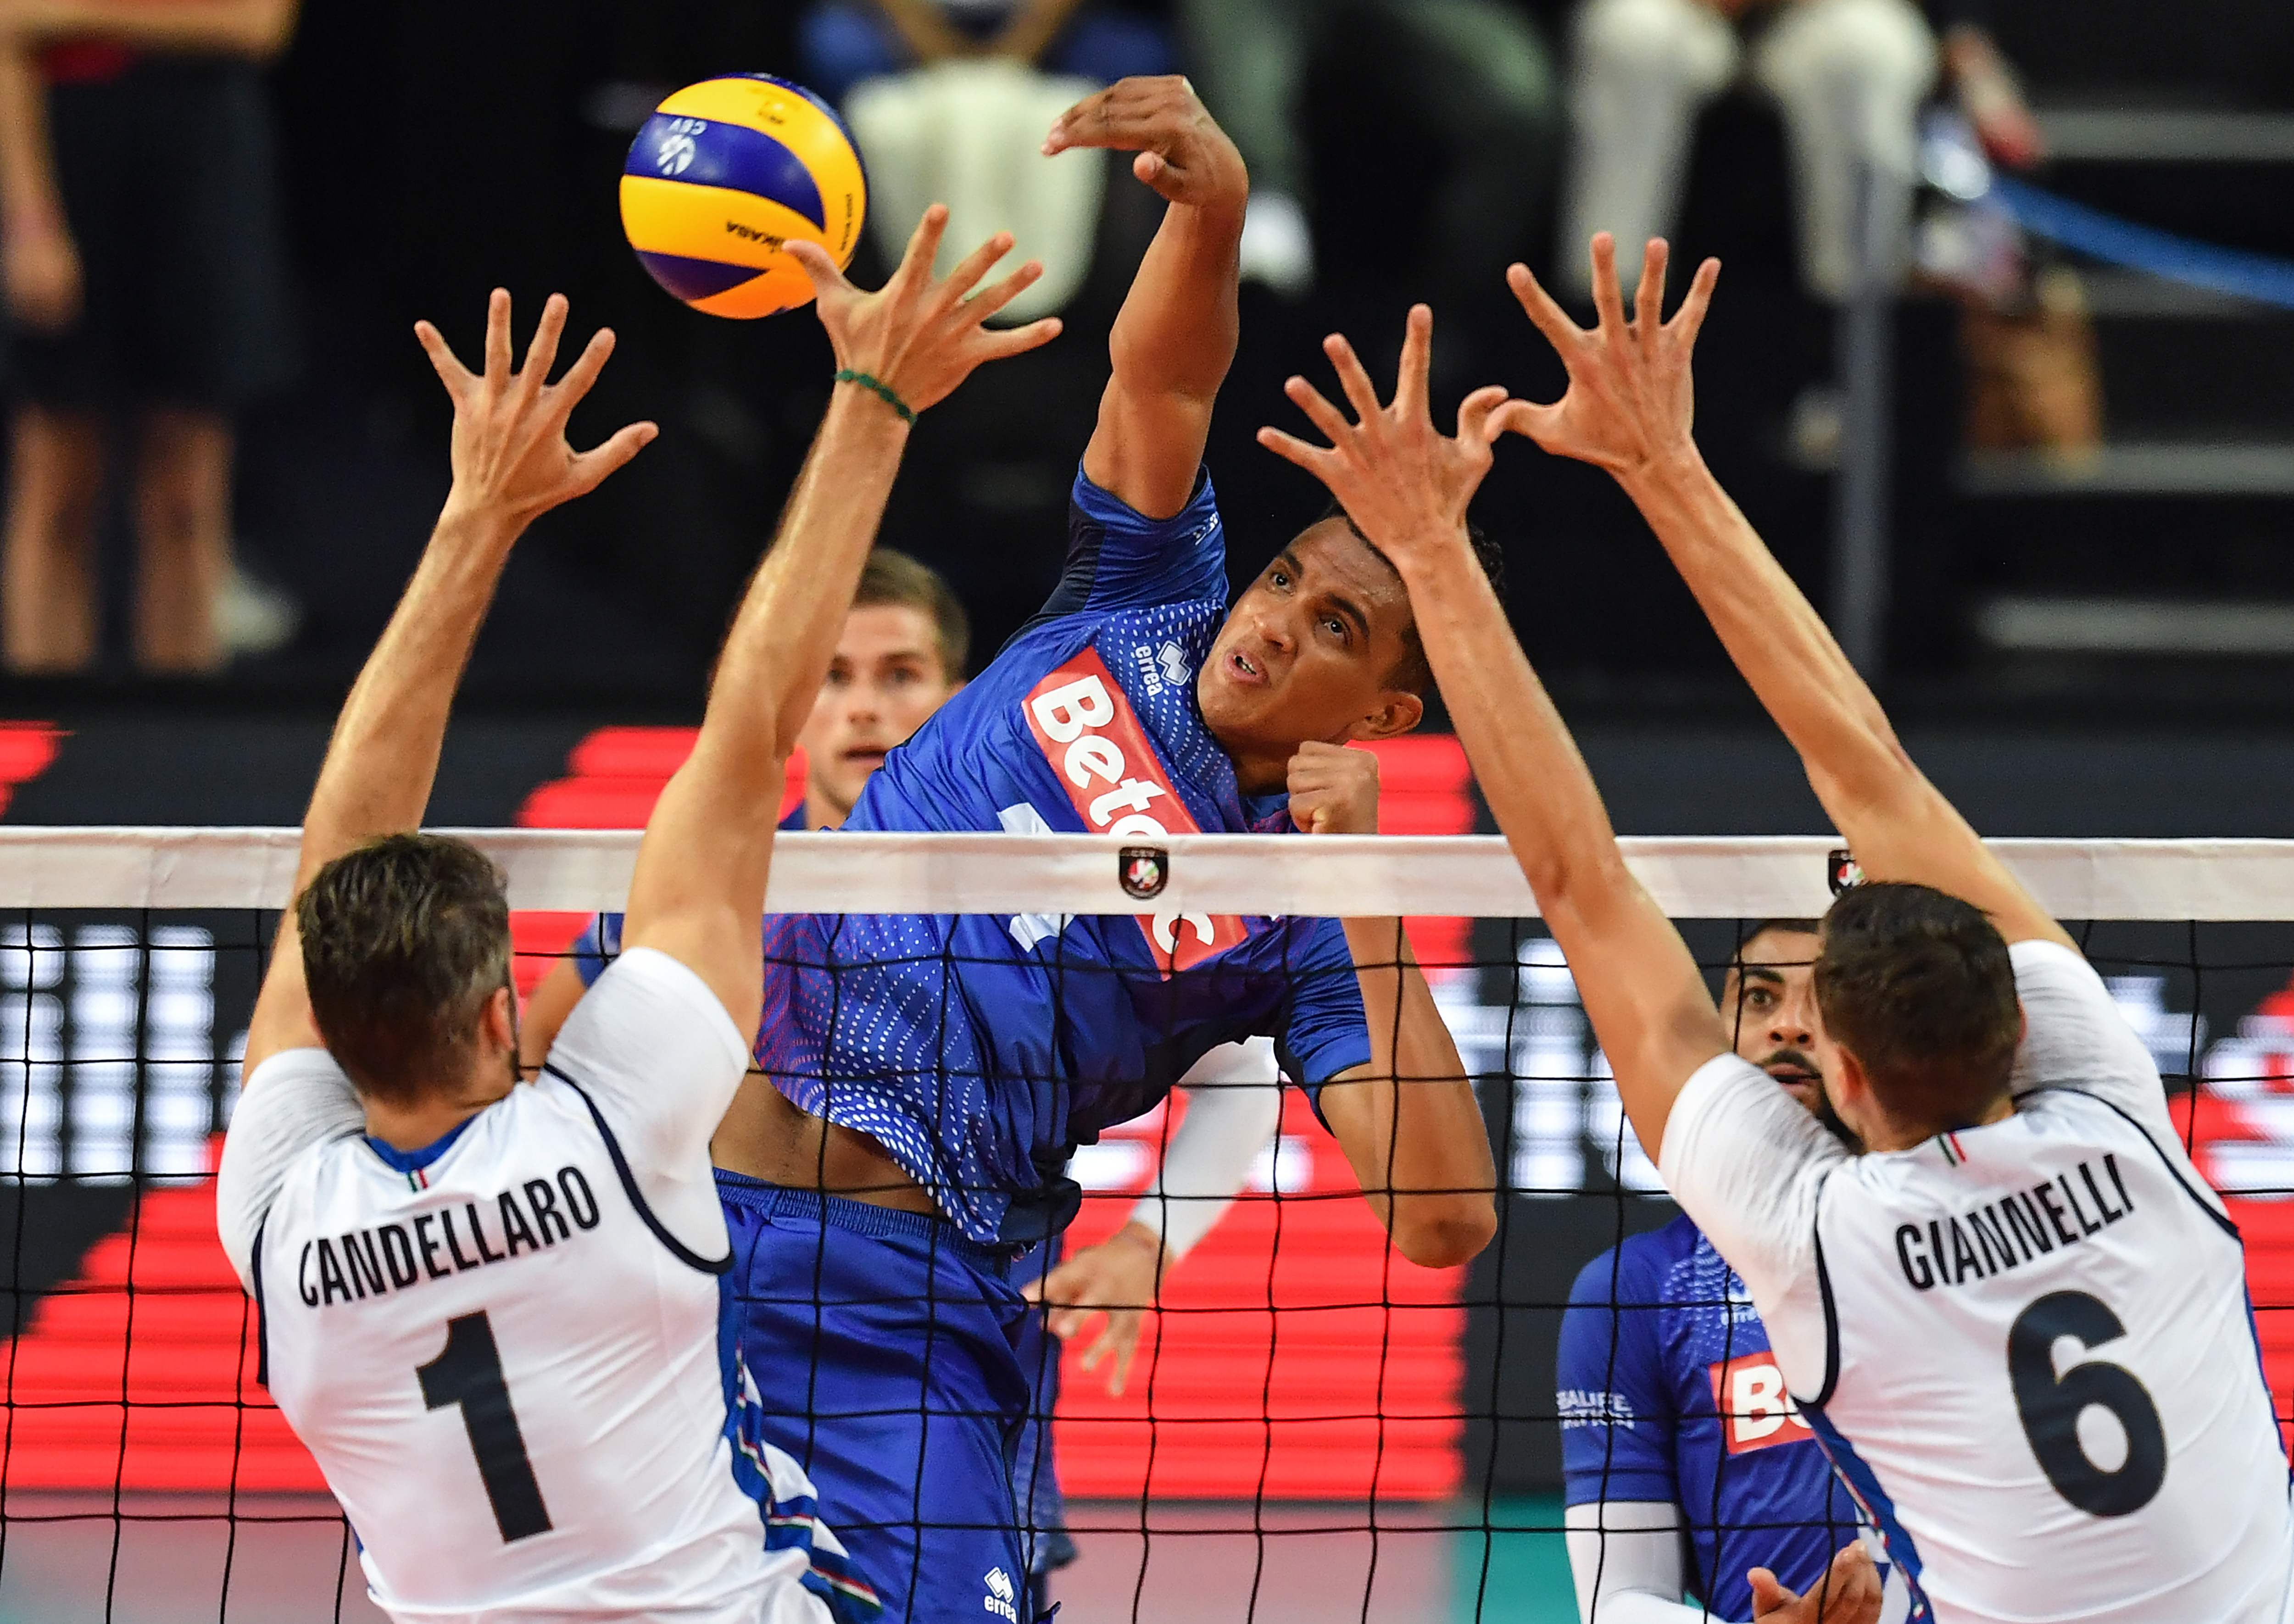 Volley - Equipe de France - Euro 2019 de volley : la France prend date